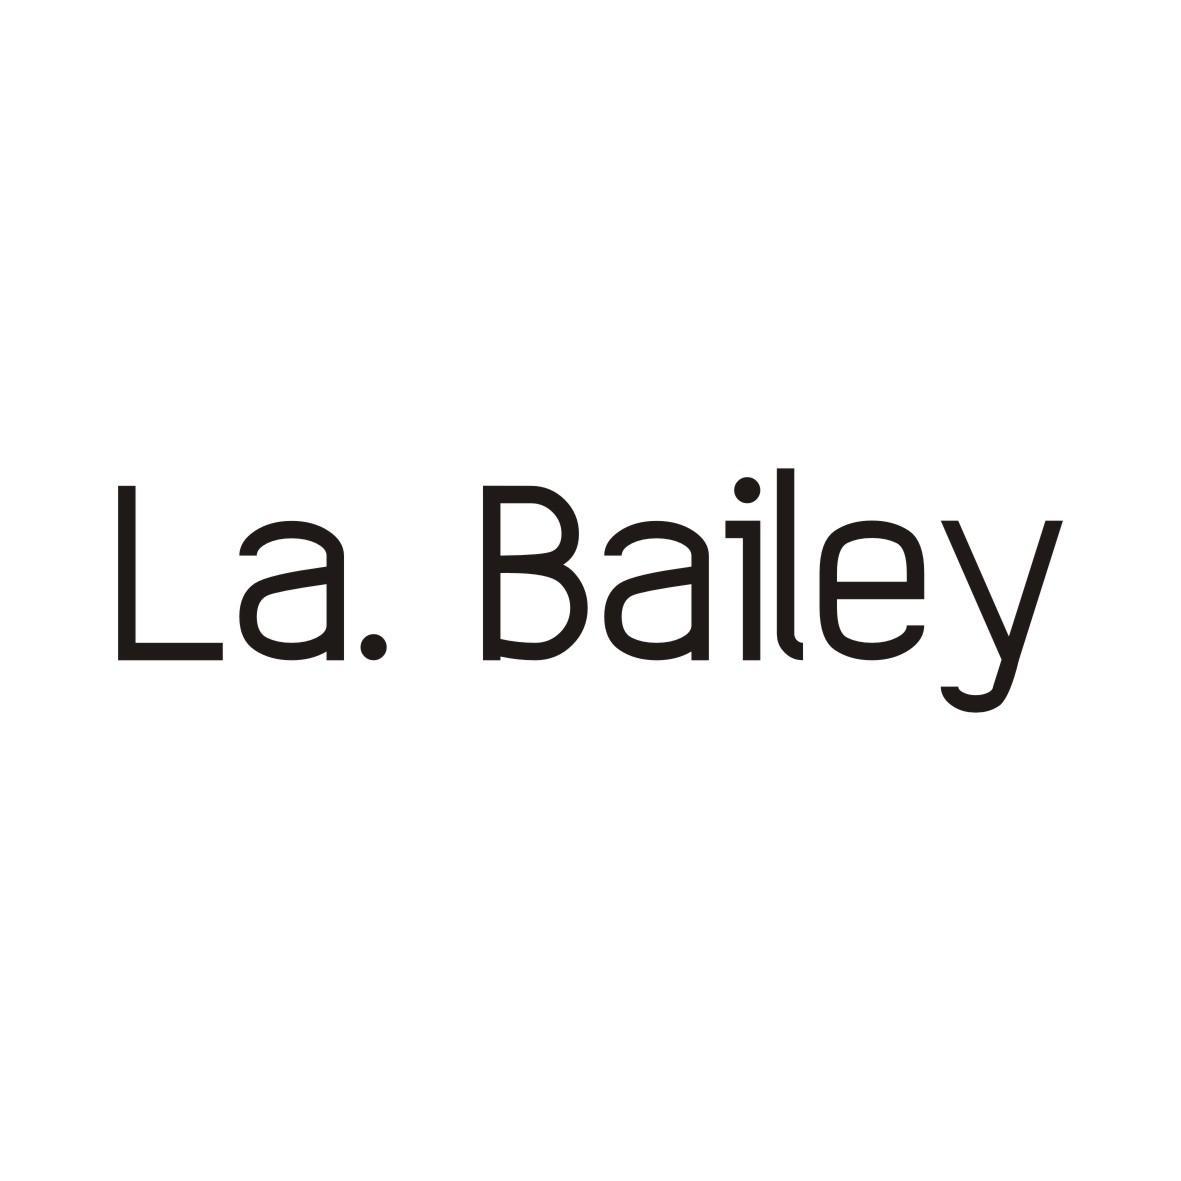 La. Bailey